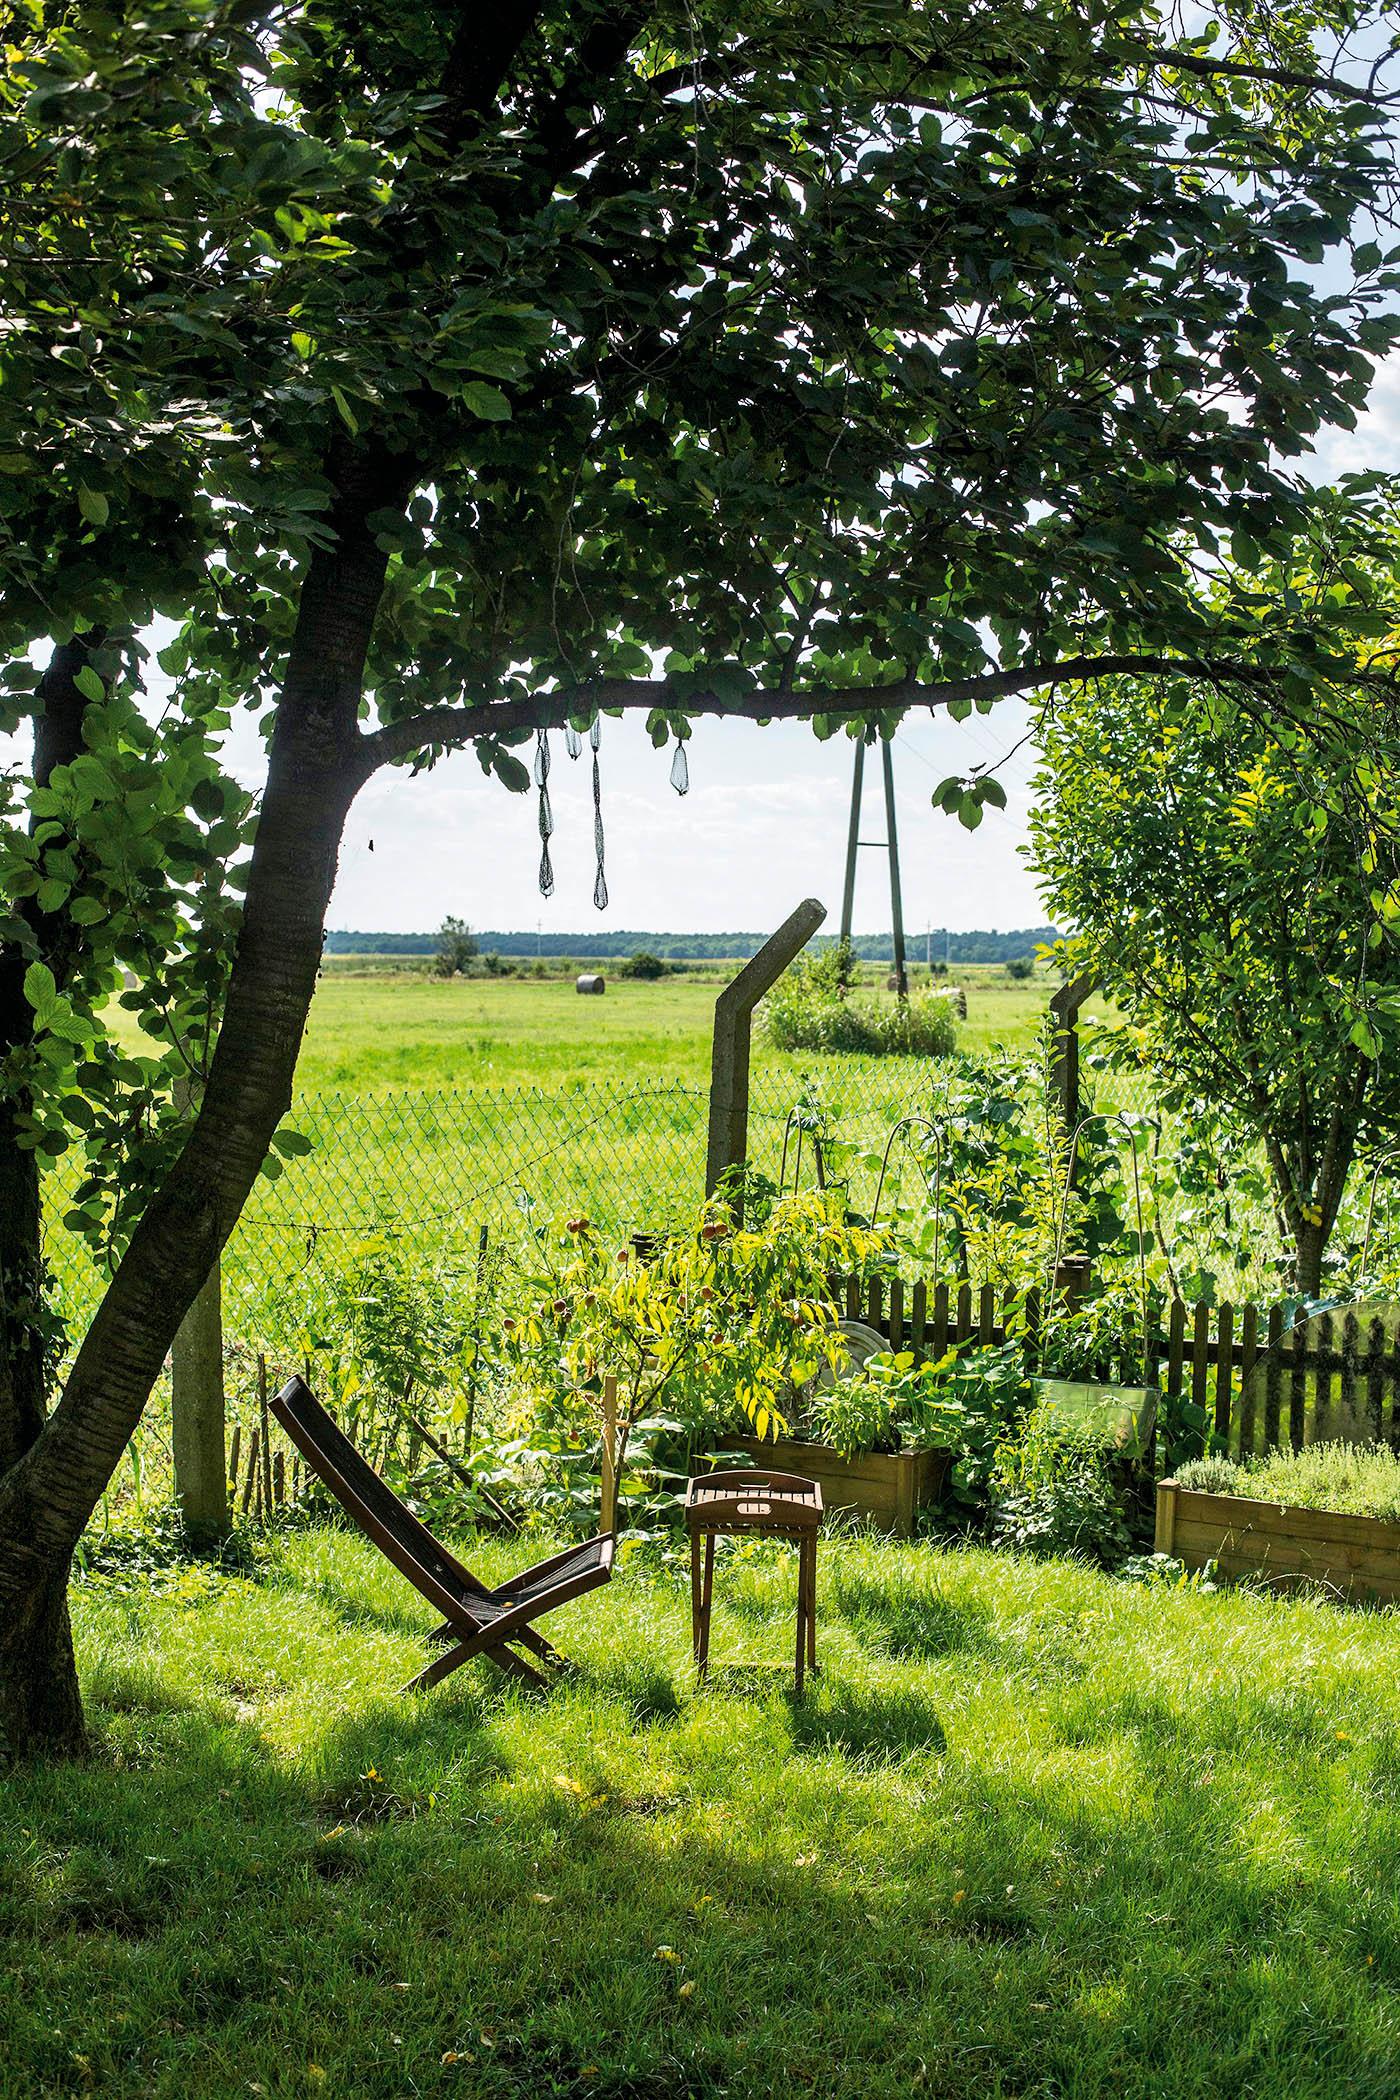 Osijek, 160719. Fotograf Mario Romulic u Bilju pored Osijeka ima imanje na kojem uzgaja povrce i voce. Primjenjuje sve najnovije i eko nacine proizvodnje.Unutar imanja je i veliki staklenik za usgoj, sadnju i klijanje povrca.Kulture uzgaja i na otvorenom u vise tipova sadnje; lazanja gredica, uzdignute gredice...itd. Na imanju se nalazi obiteljska kuca u kojoj Mario zivi s obitelji dva sina i kcer, ali i puno zivotinja; kokoske, psi, macke i jedna mala kuca za goste. Foto: Berislava Picek / CROPIX